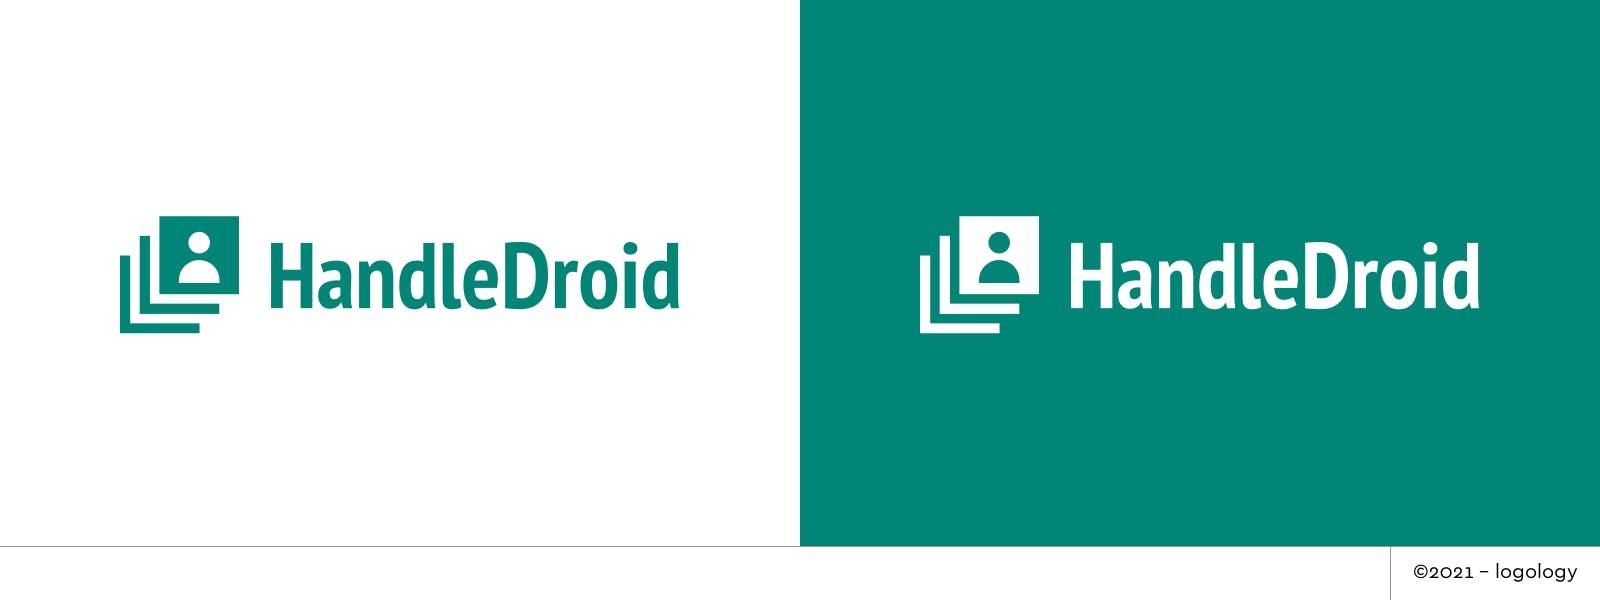 handledroid logo metled cards variation